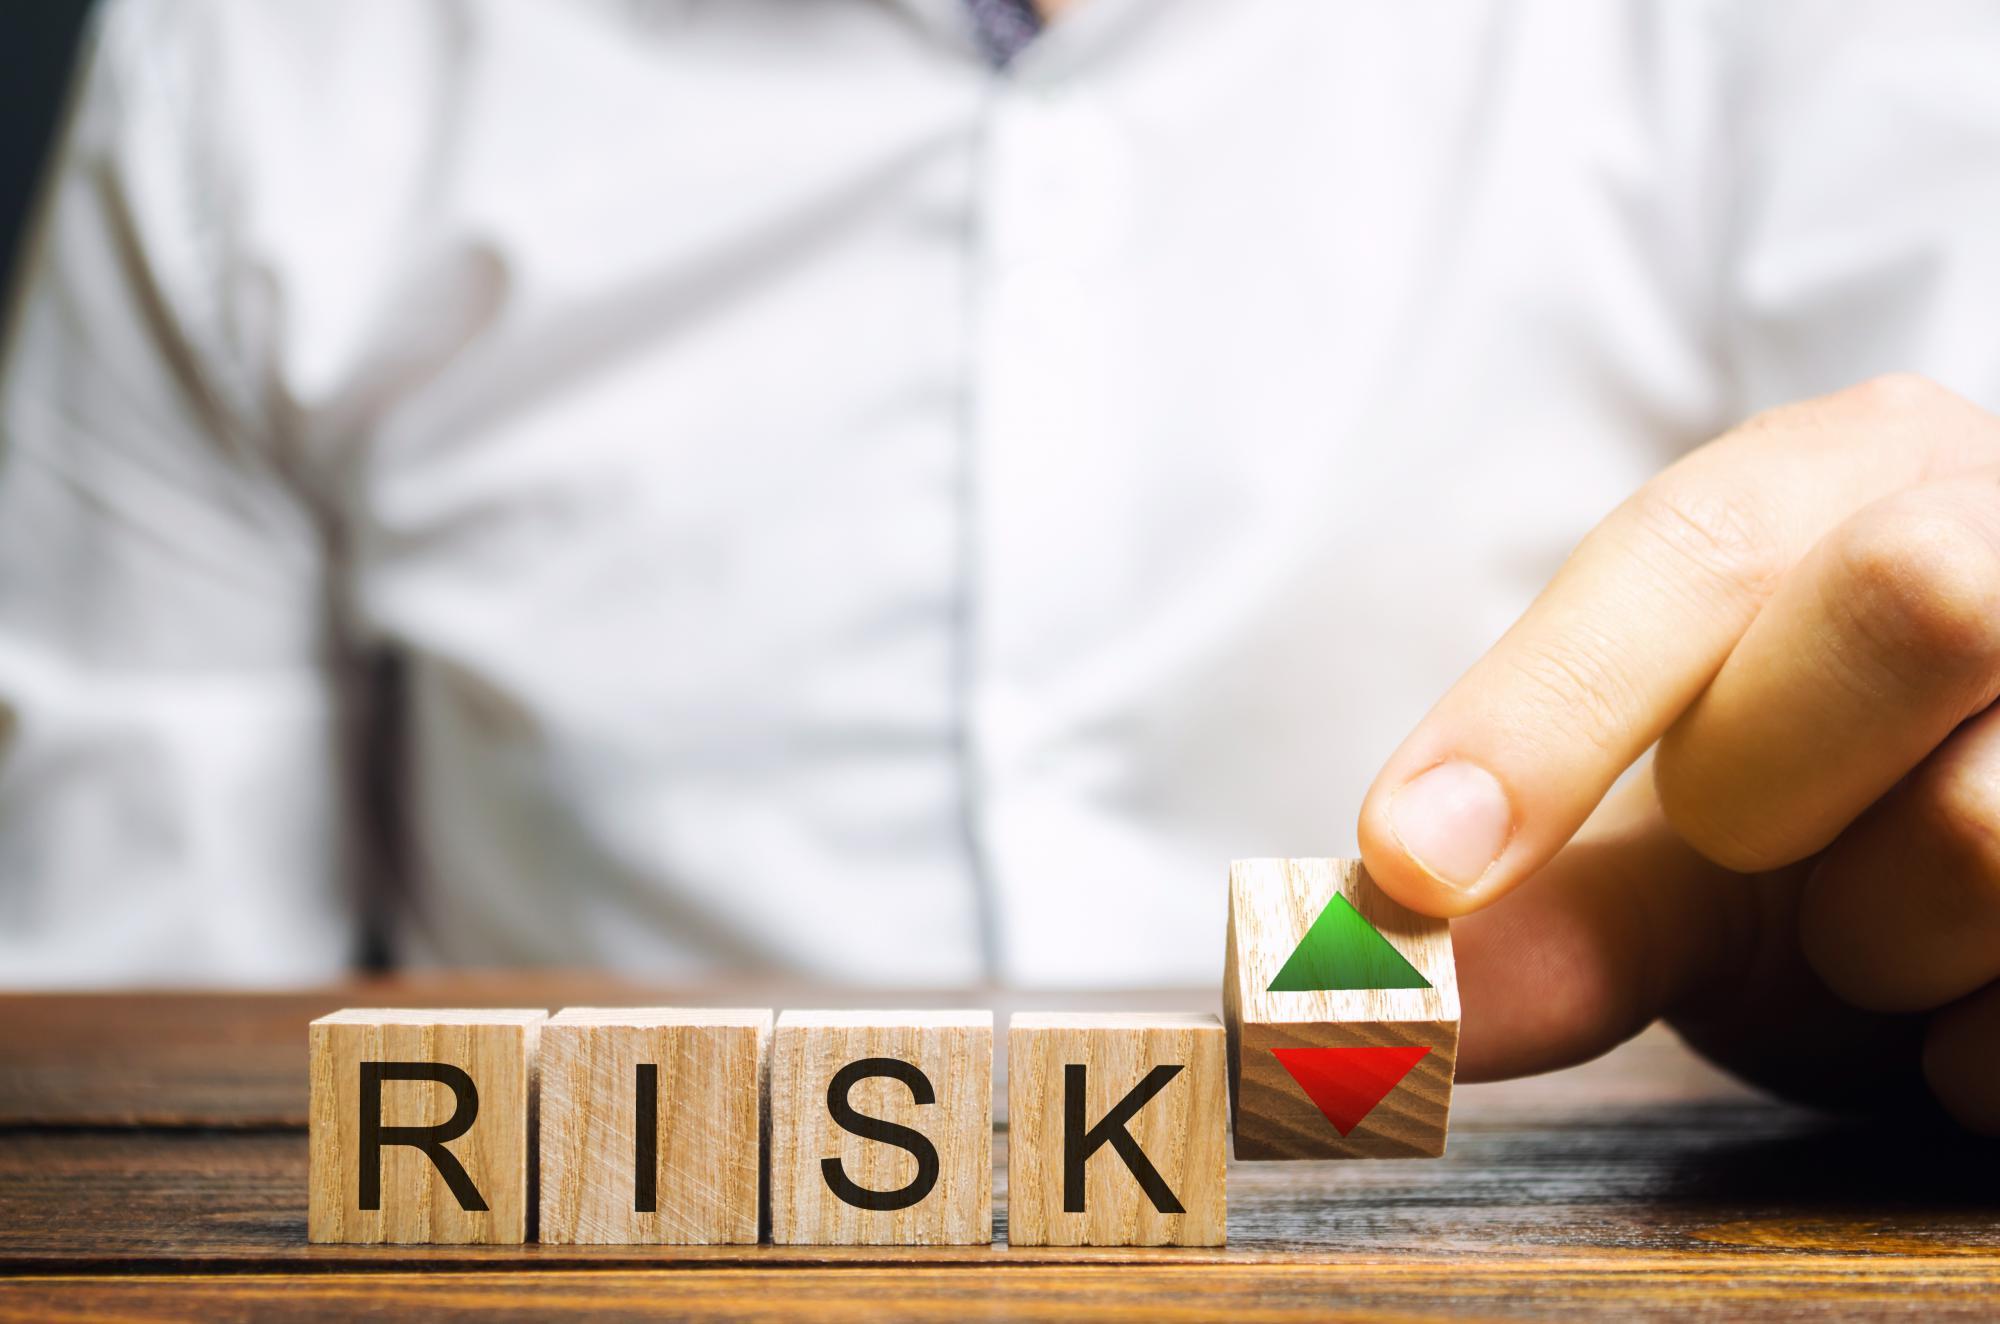 Оптимизация налогов с использованием займов от иностранных фирм стала рискованной